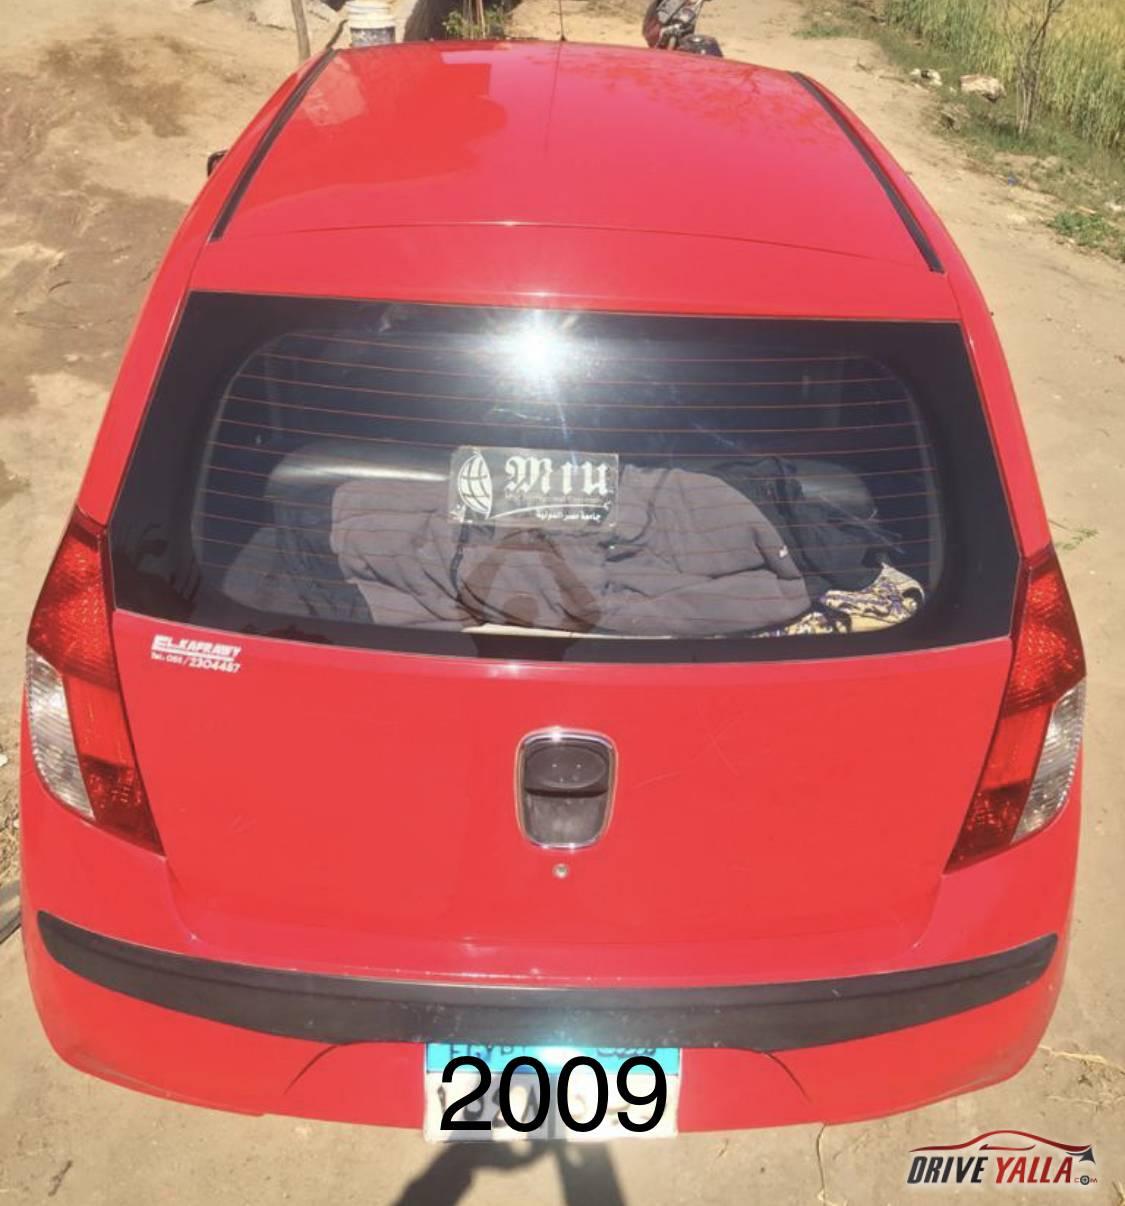 هيواندى i10 مستعملة للبيع فى مصر 2009